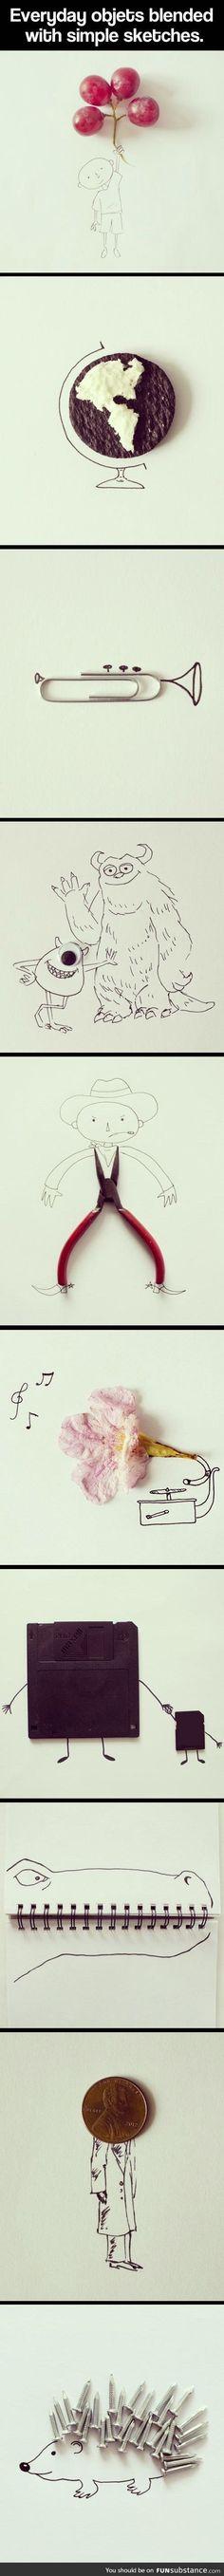 always be creative!!!